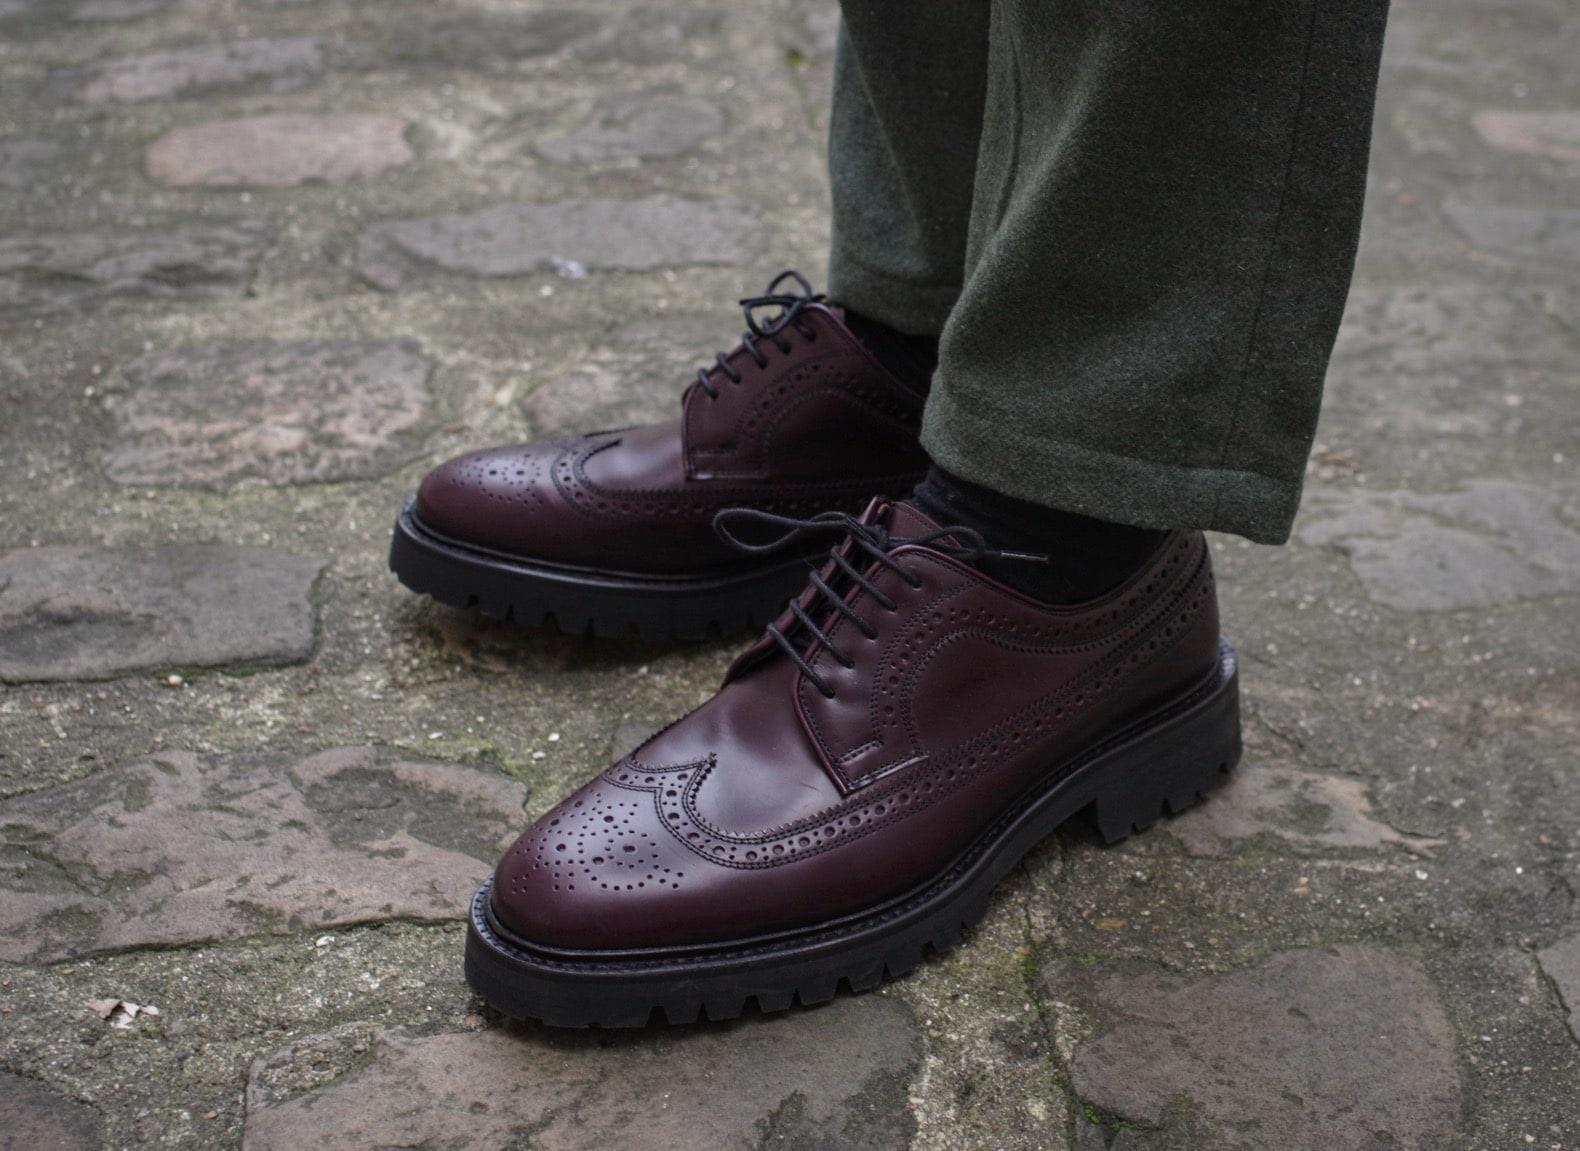 chaussure-homme-élégante-brogue-aubergine-cordovan-max-sauveur-luca-laccio-longwing-vibram-sole